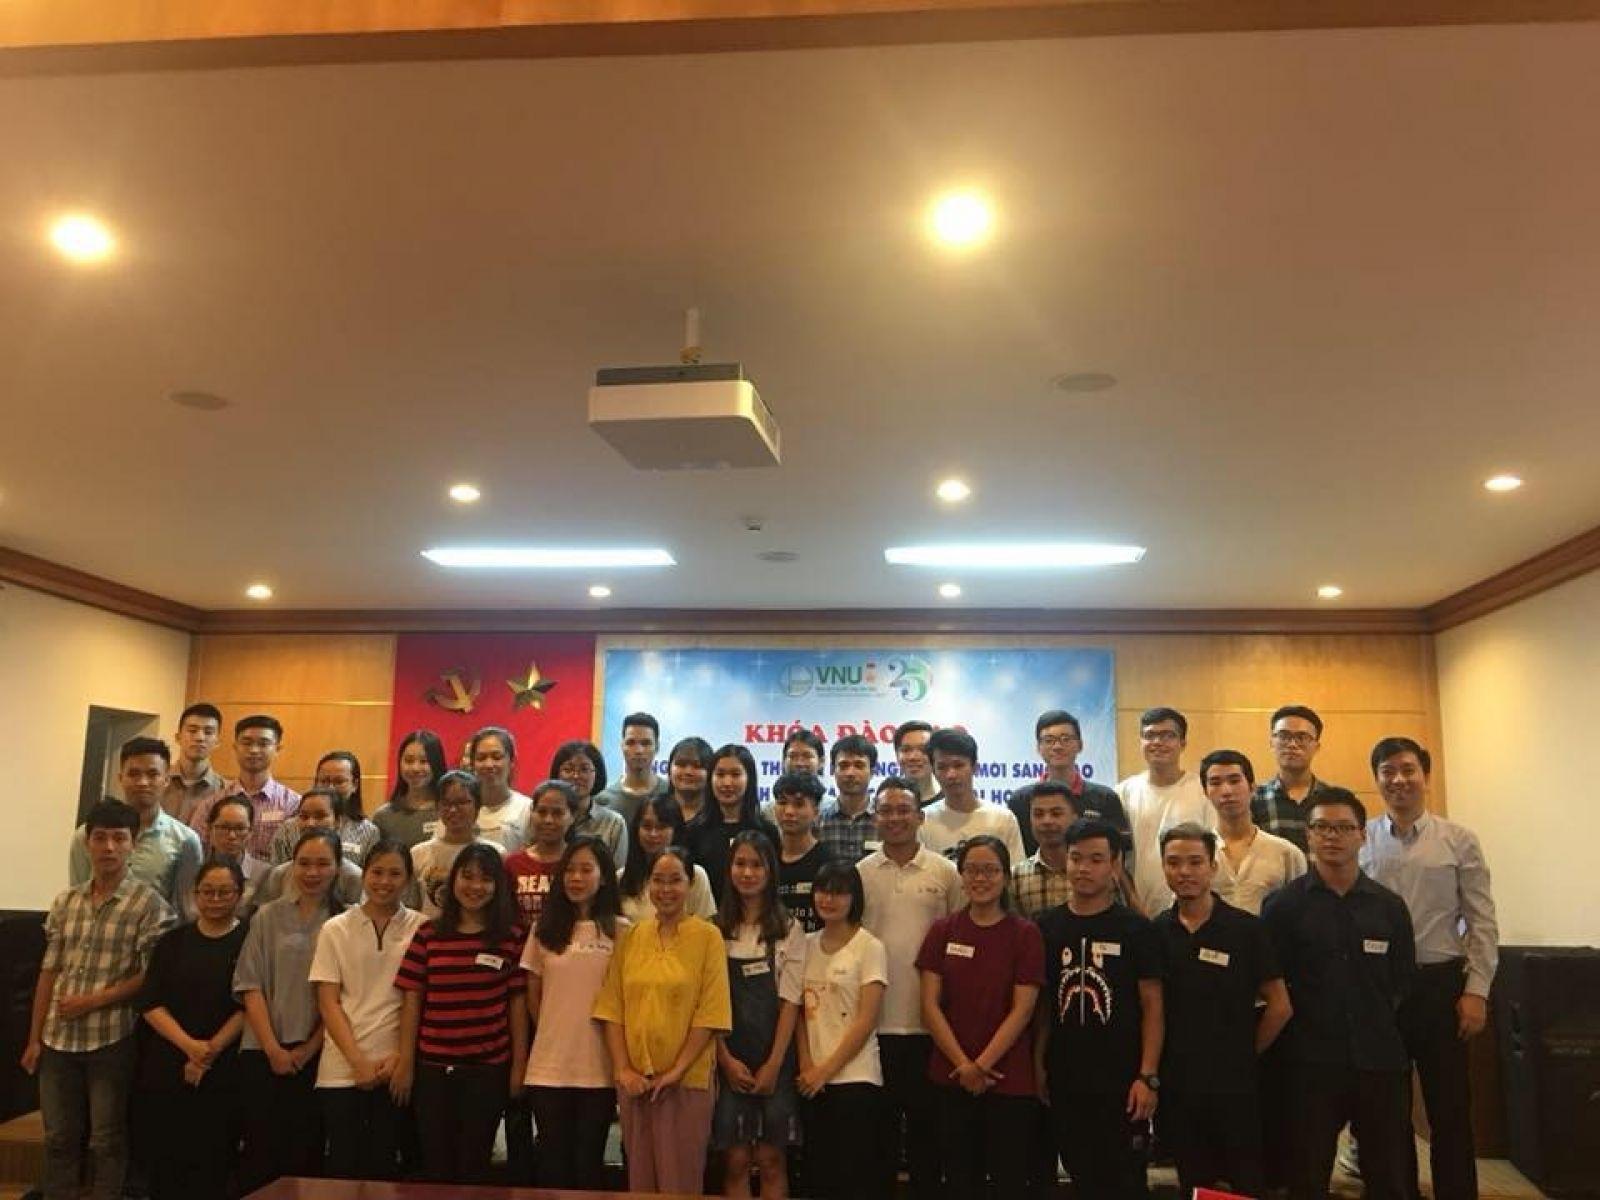 Khóa đào tạo Khởi nghiệp đổi mới sáng tạo cho sinh viên ĐHQG Hà Nội. (Ảnh: ĐHQGHN)